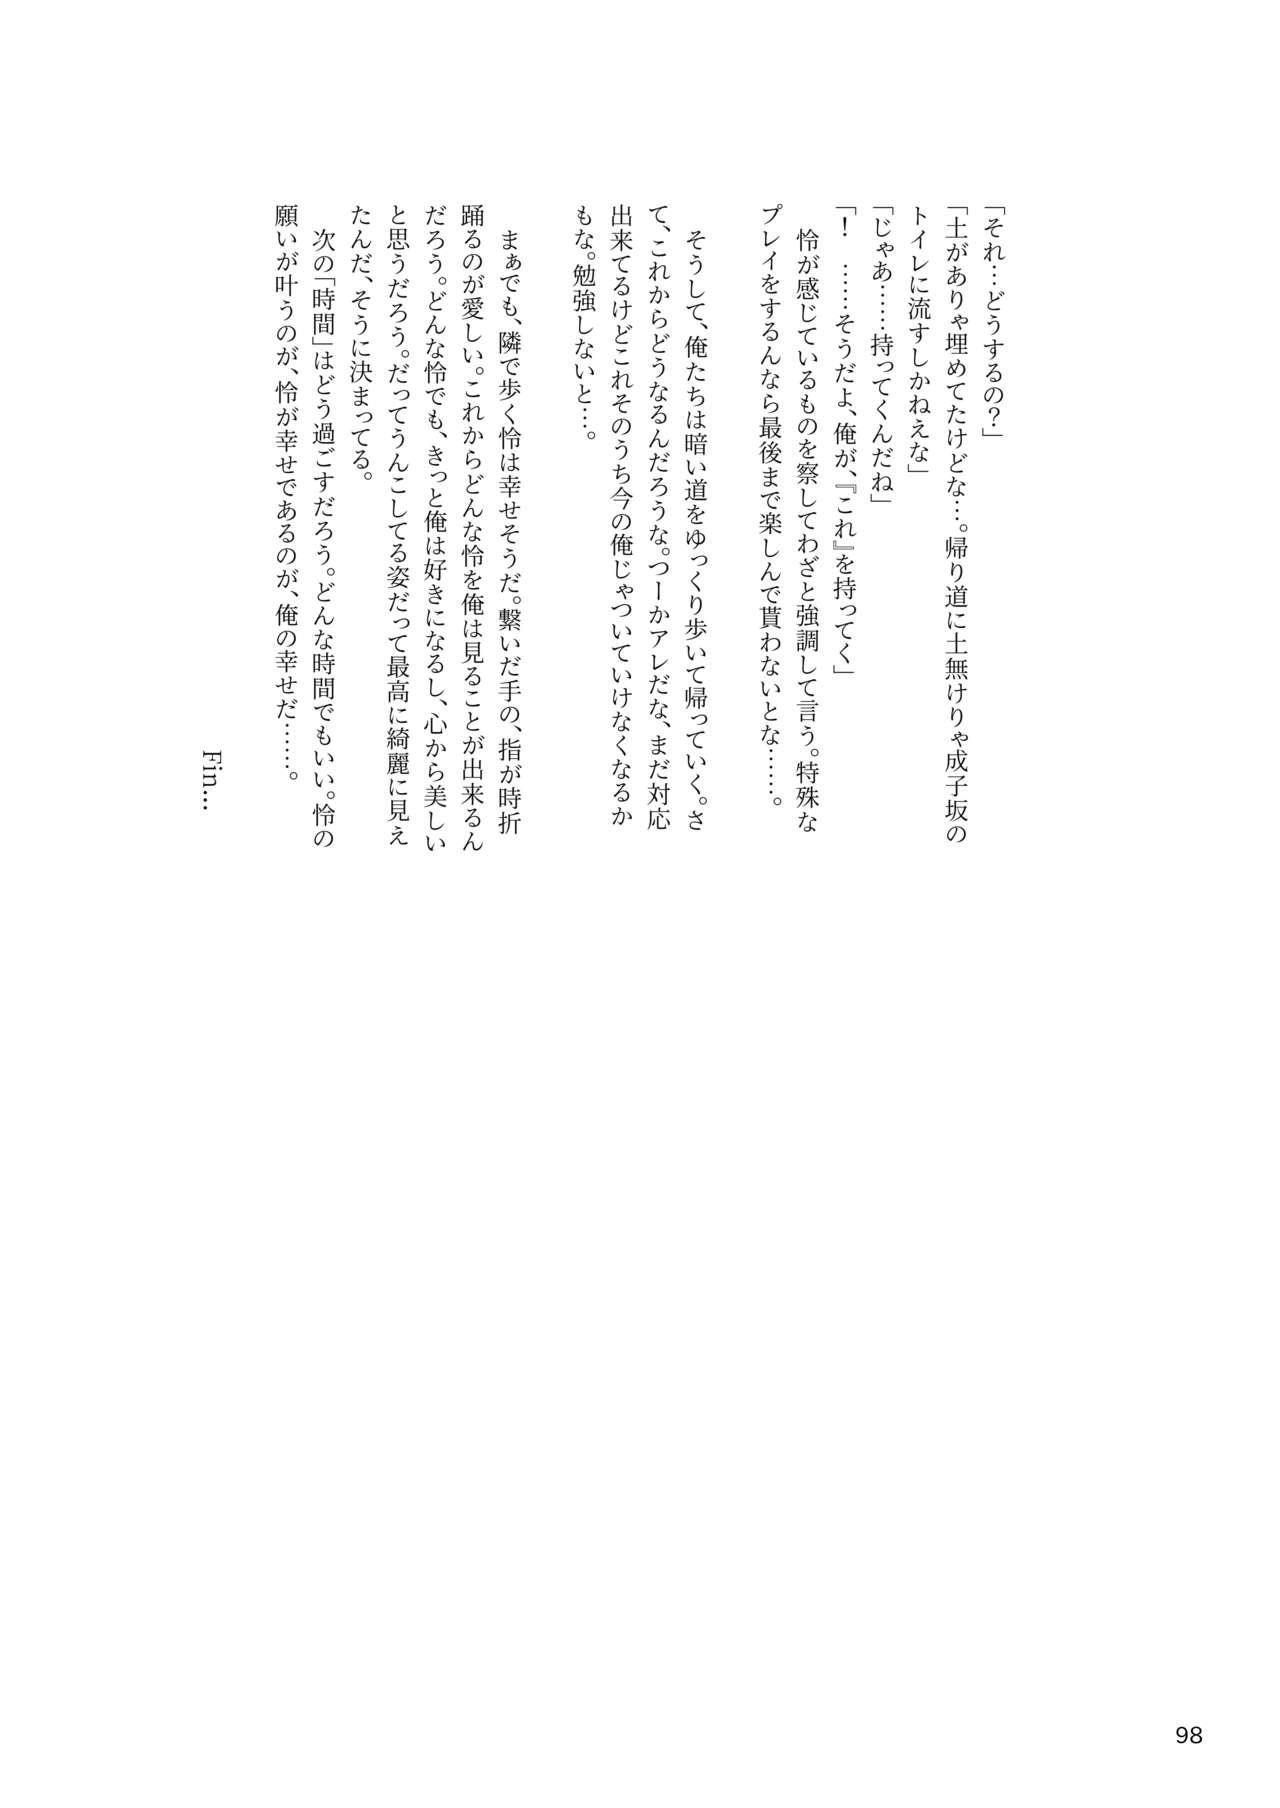 ア○スギア総合スカトロアンソロジー アクトレス排泄実態調査任務~スカポためるっすか!?~ 97